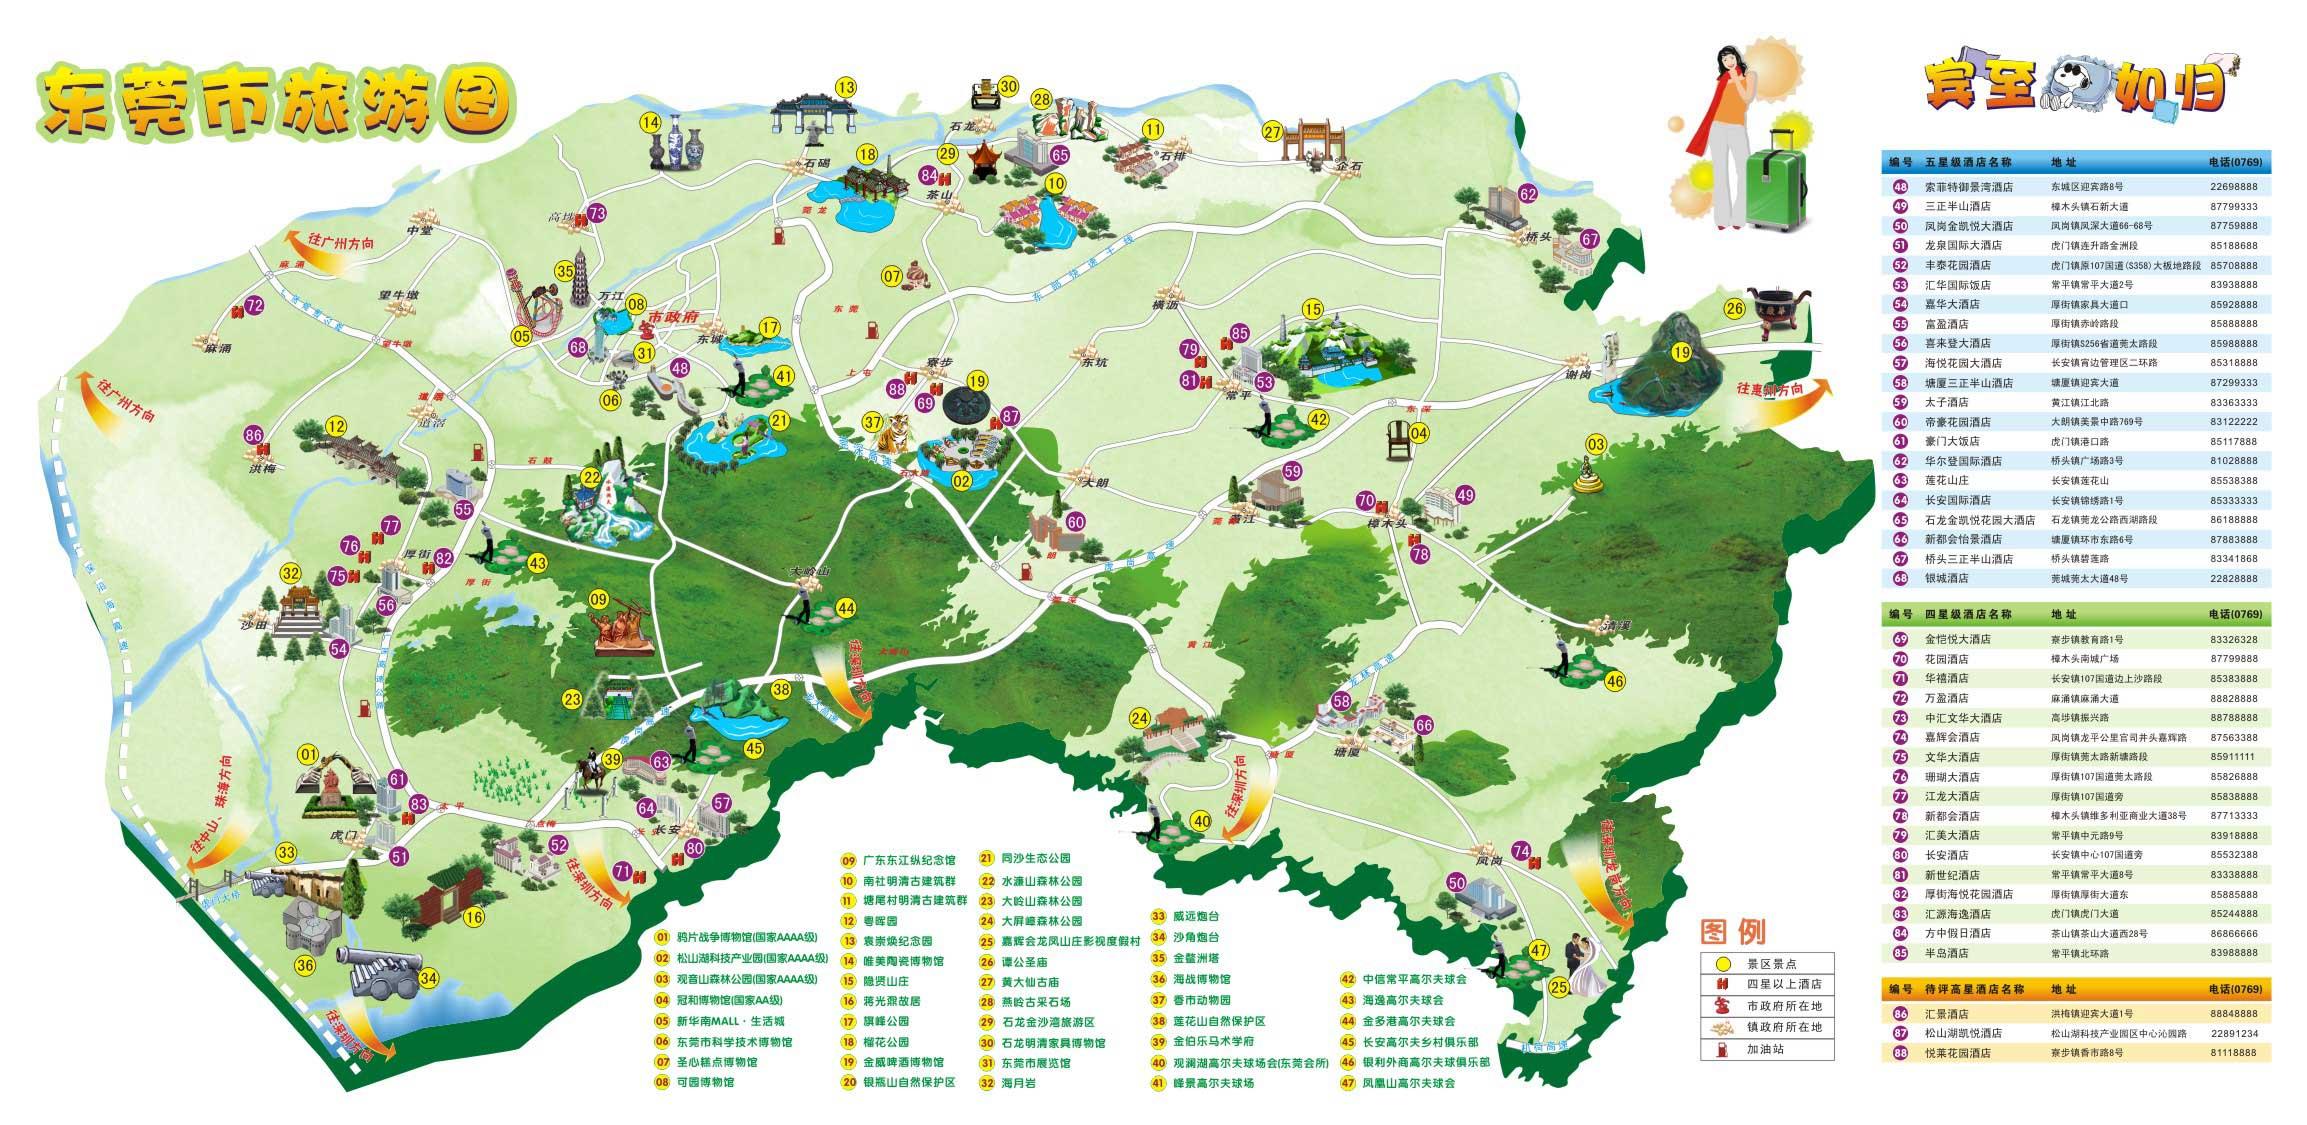 东莞市镇区地图全图; 安徽旅游地图全图图片集合安徽旅游地图全图图片